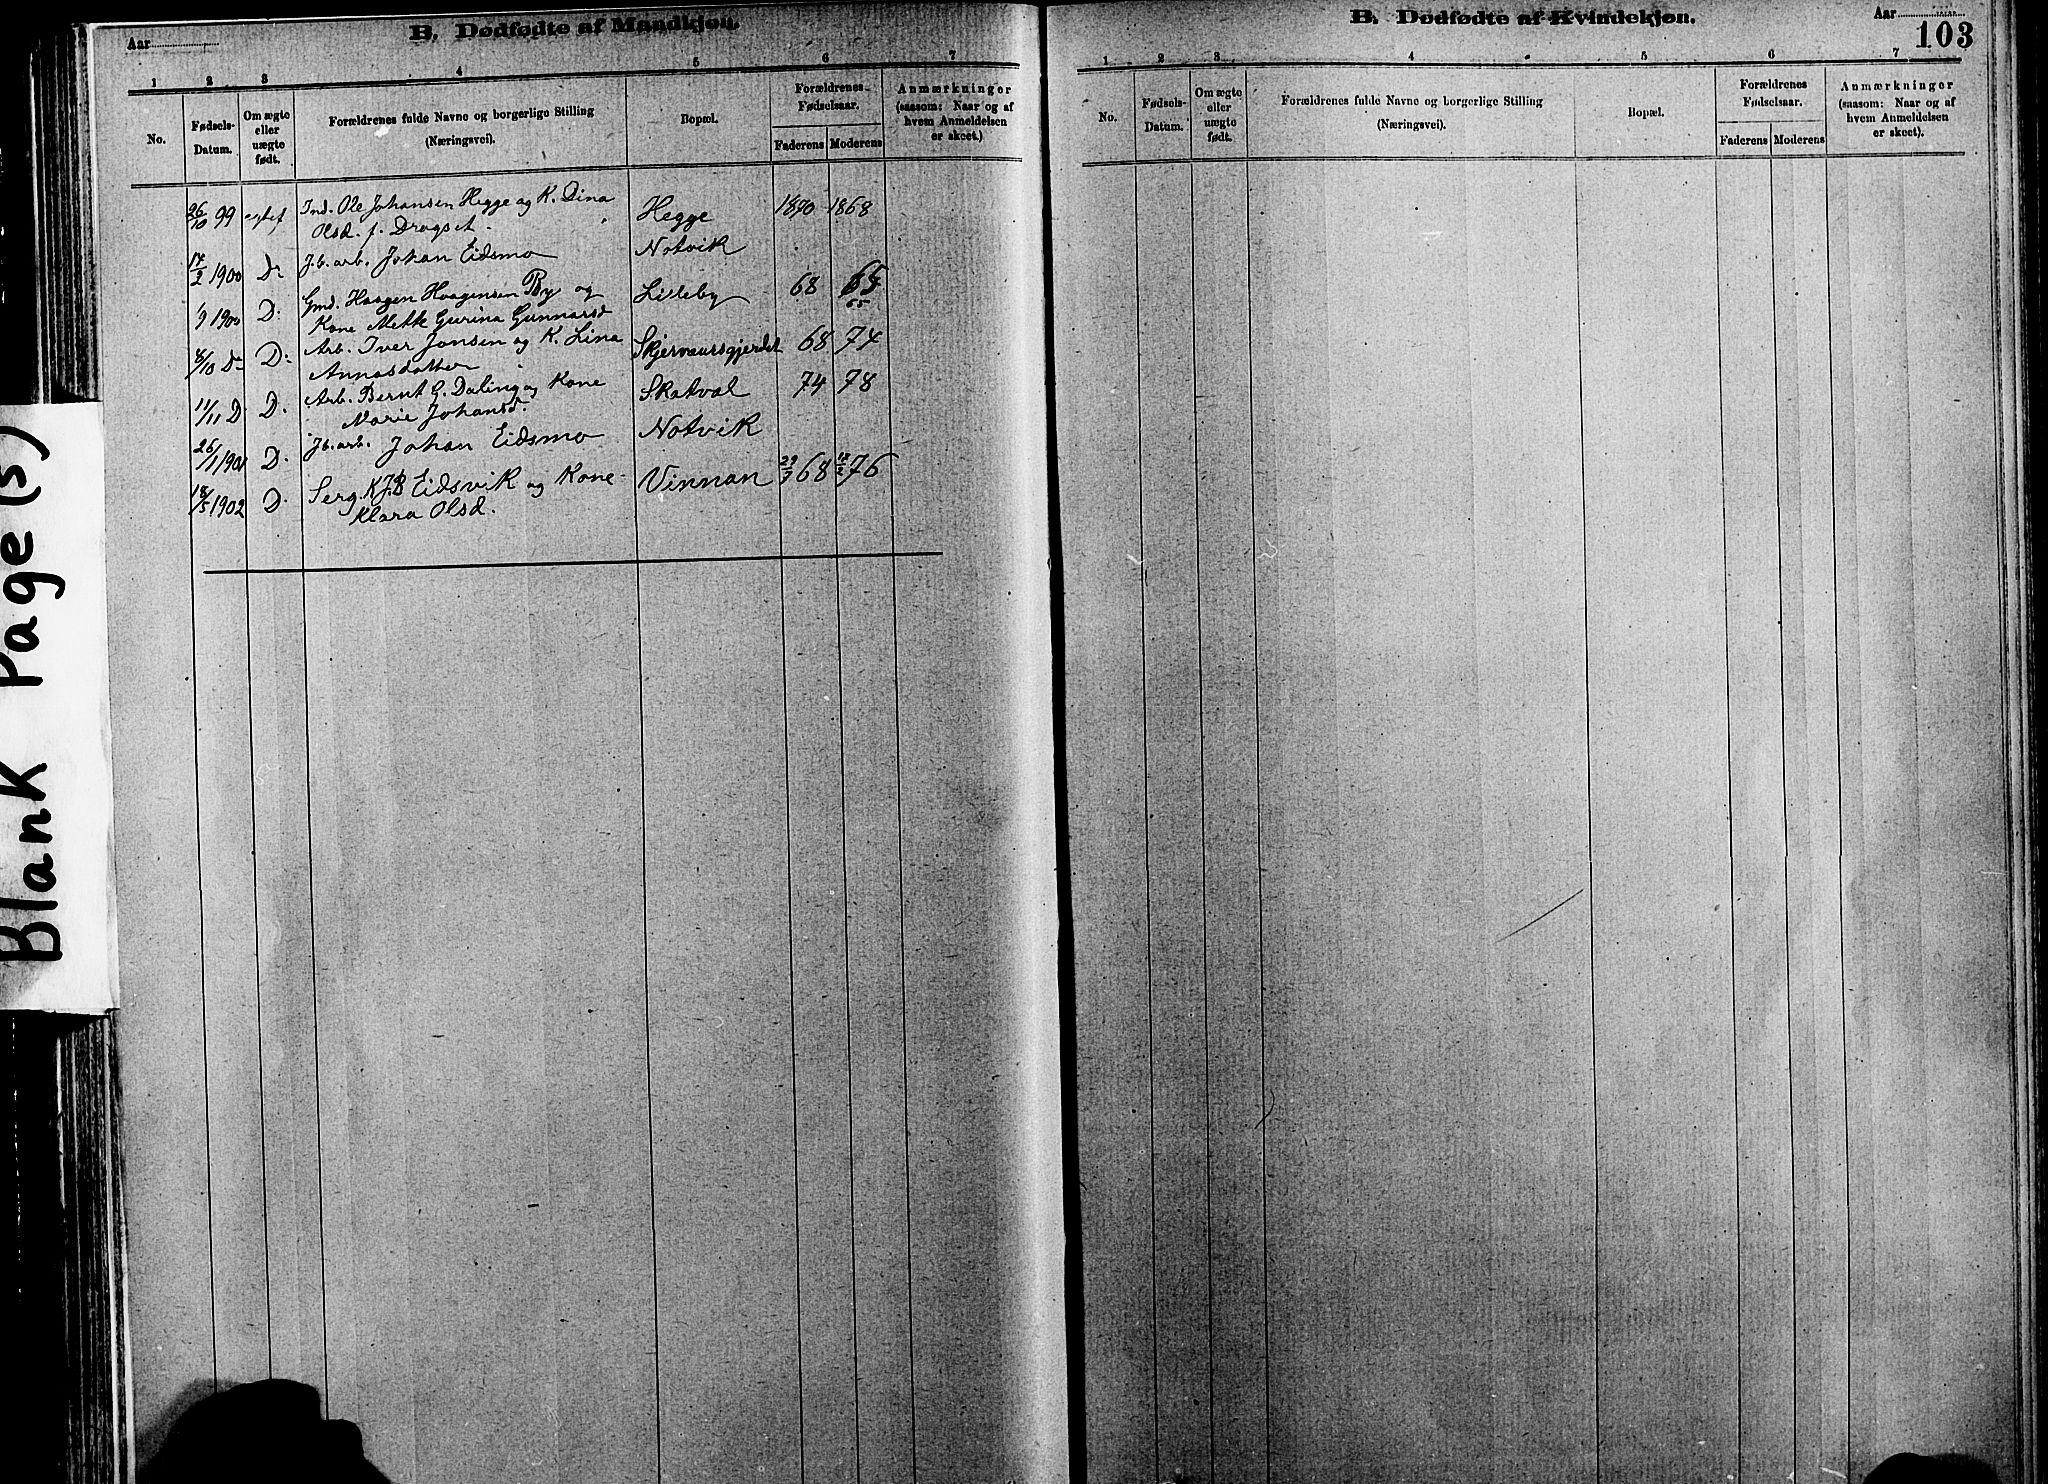 SAT, Ministerialprotokoller, klokkerbøker og fødselsregistre - Nord-Trøndelag, 712/L0103: Klokkerbok nr. 712C01, 1878-1917, s. 103